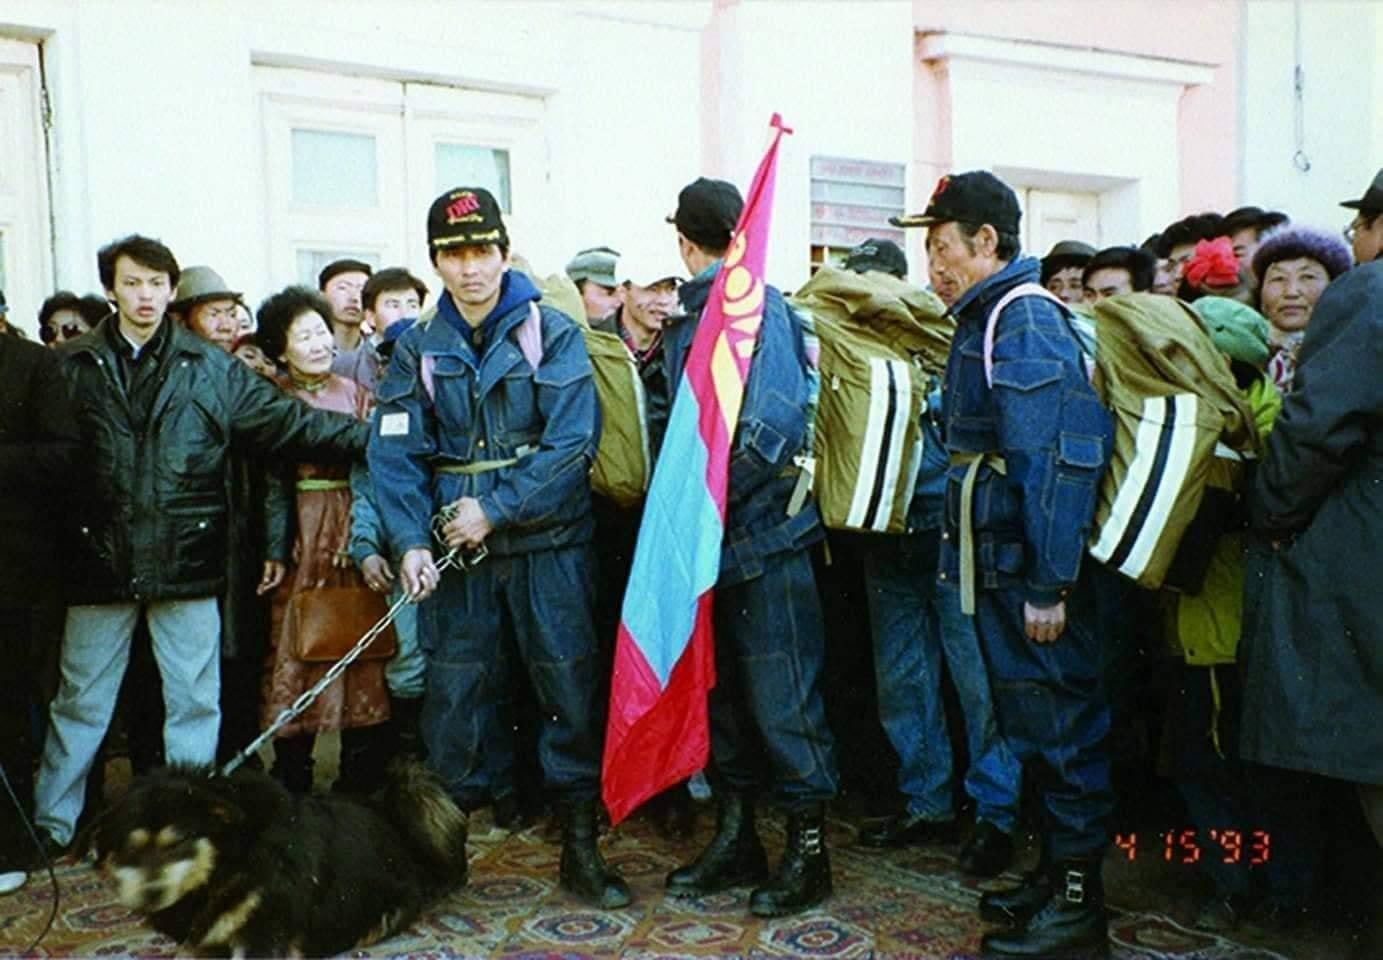 1993-онд Монголоос-Америк хүртэл аялсан Банхар нохойн түүх